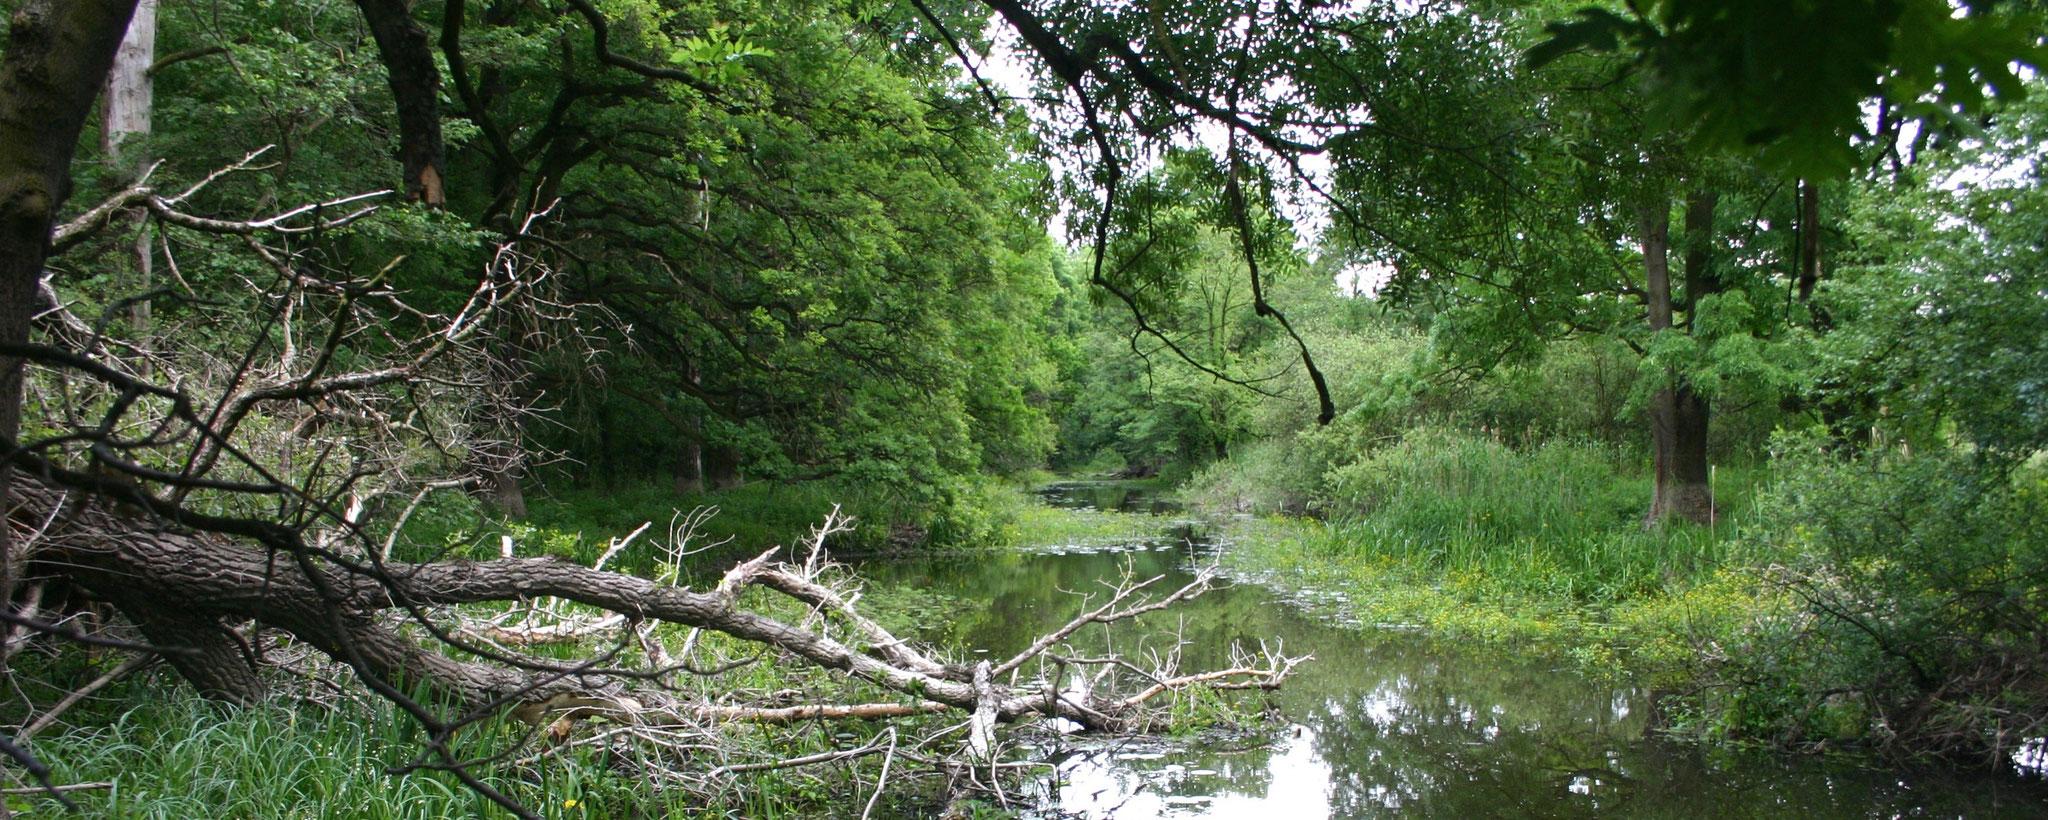 Blog: gedachten over de herstelkracht en veelzijdigheid van de natuur..